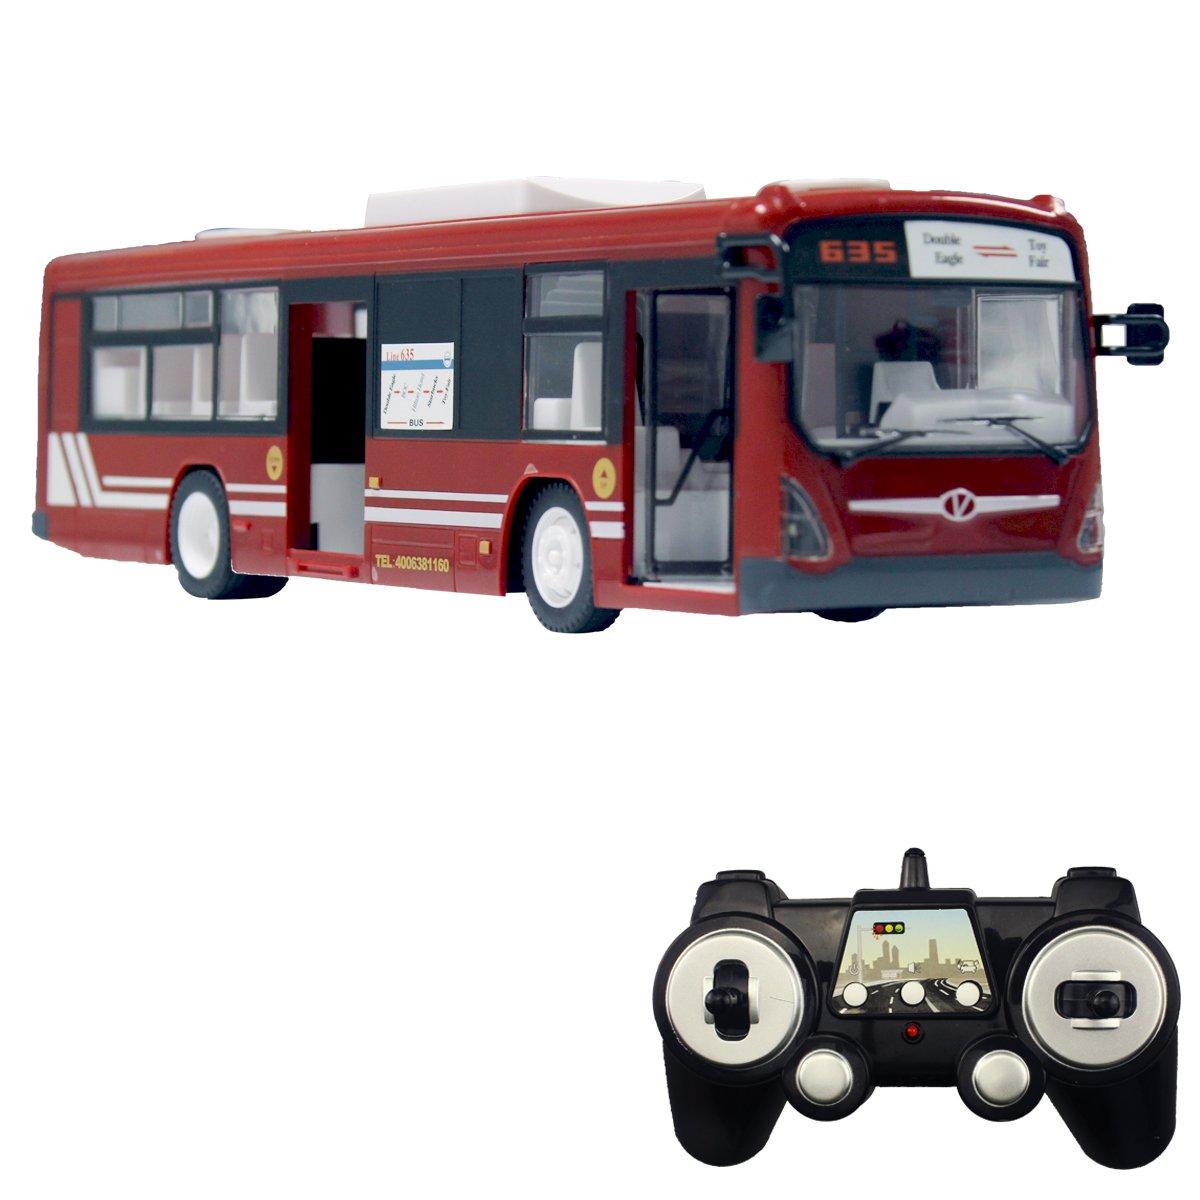 fisca RC Truck Remote Control Bus